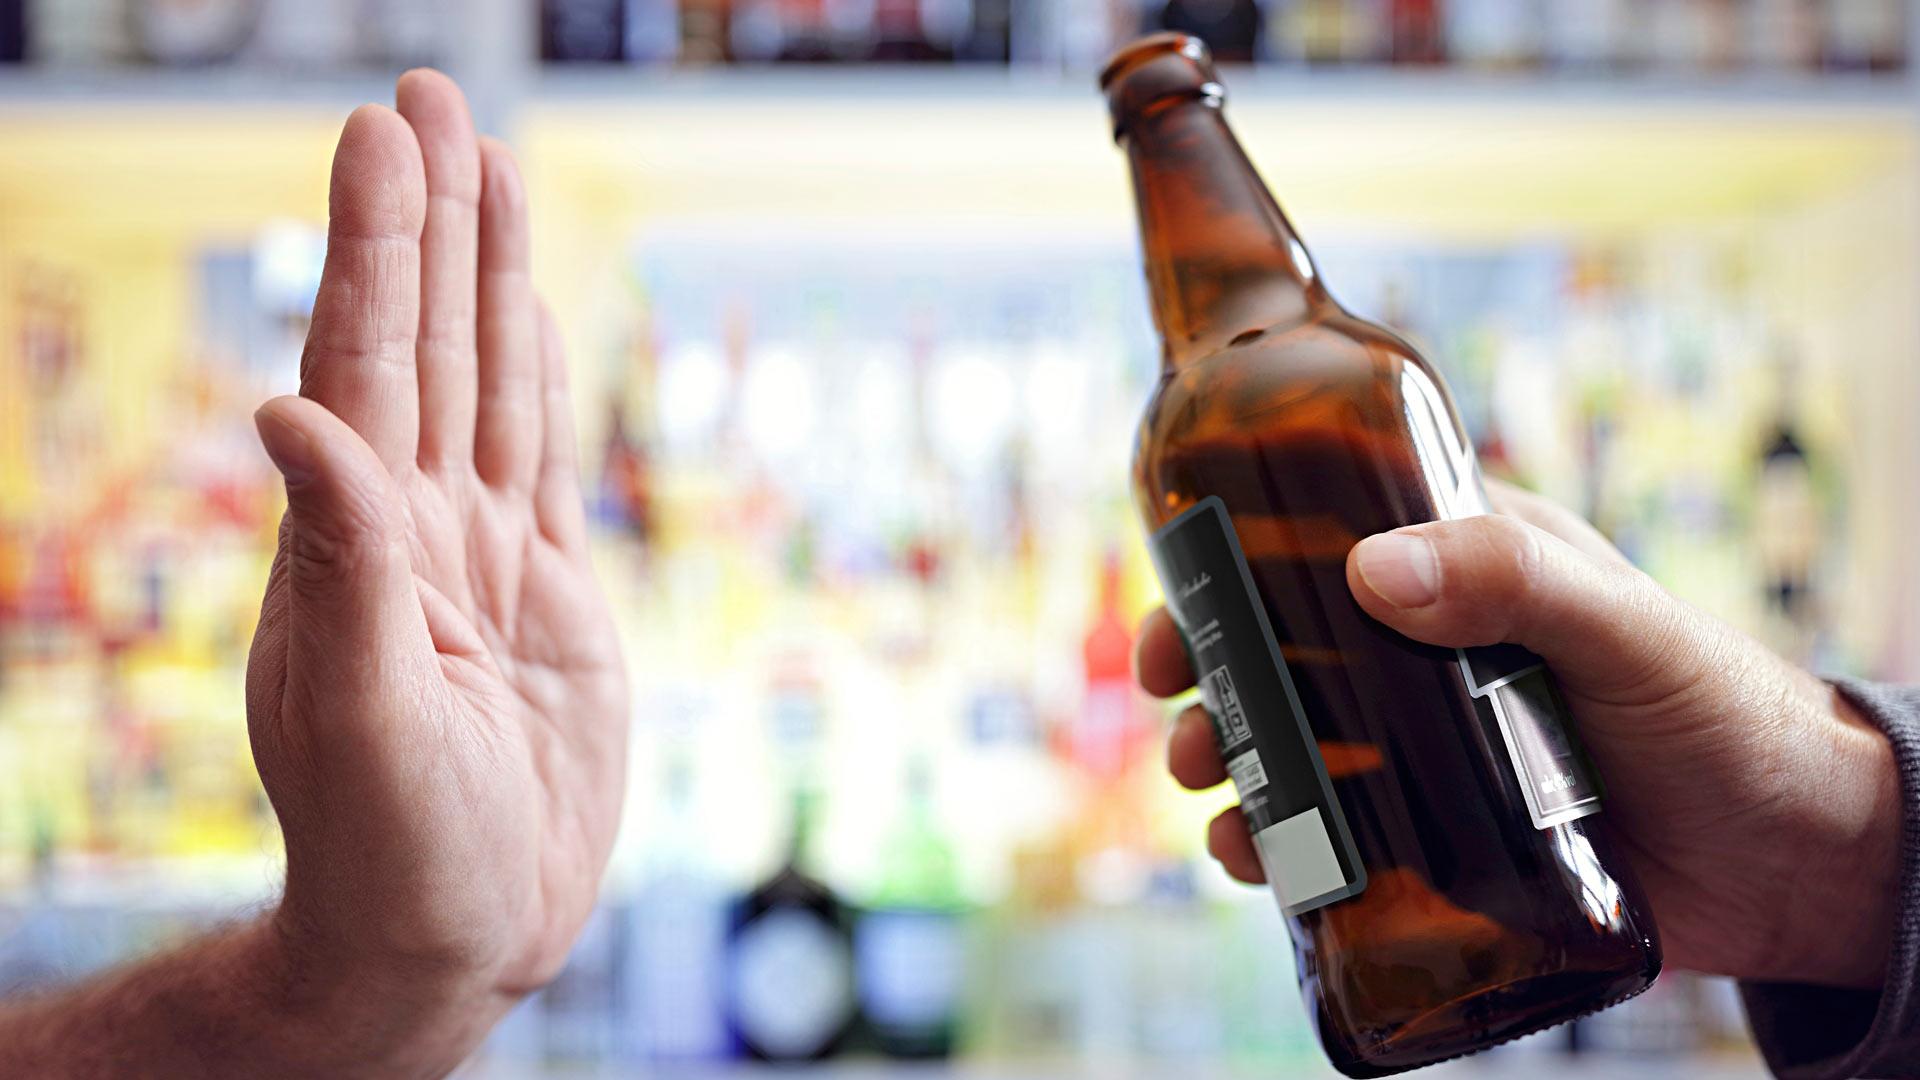 Kohtuullisenkin alkoholinkäytön tauottaminen vaikuttaa myönteisesti muutenkin kuin maksaan.